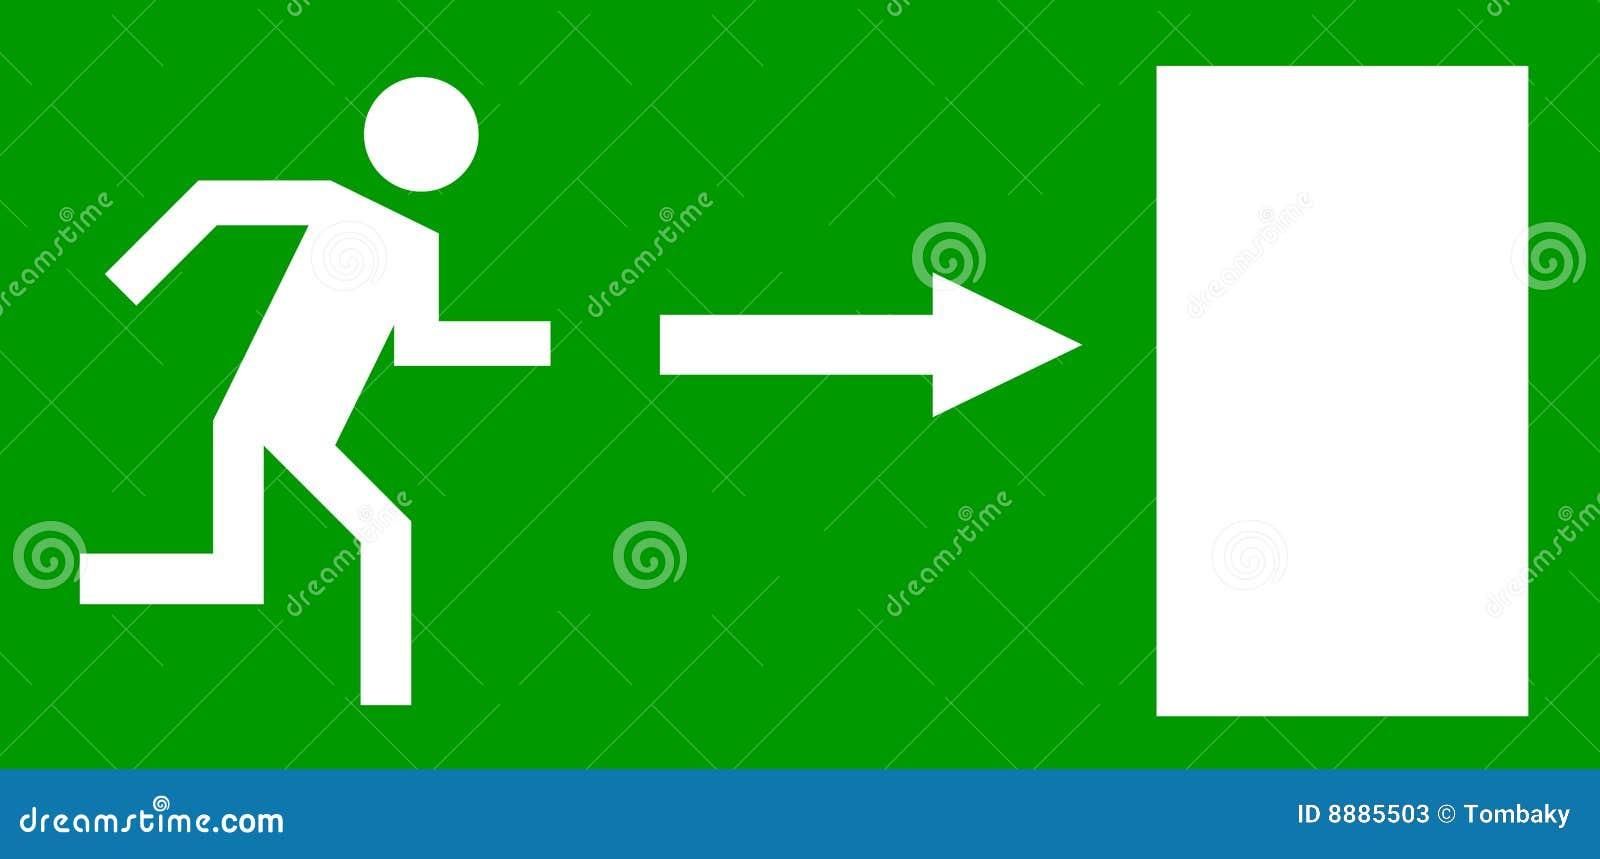 Exit Door Clipart